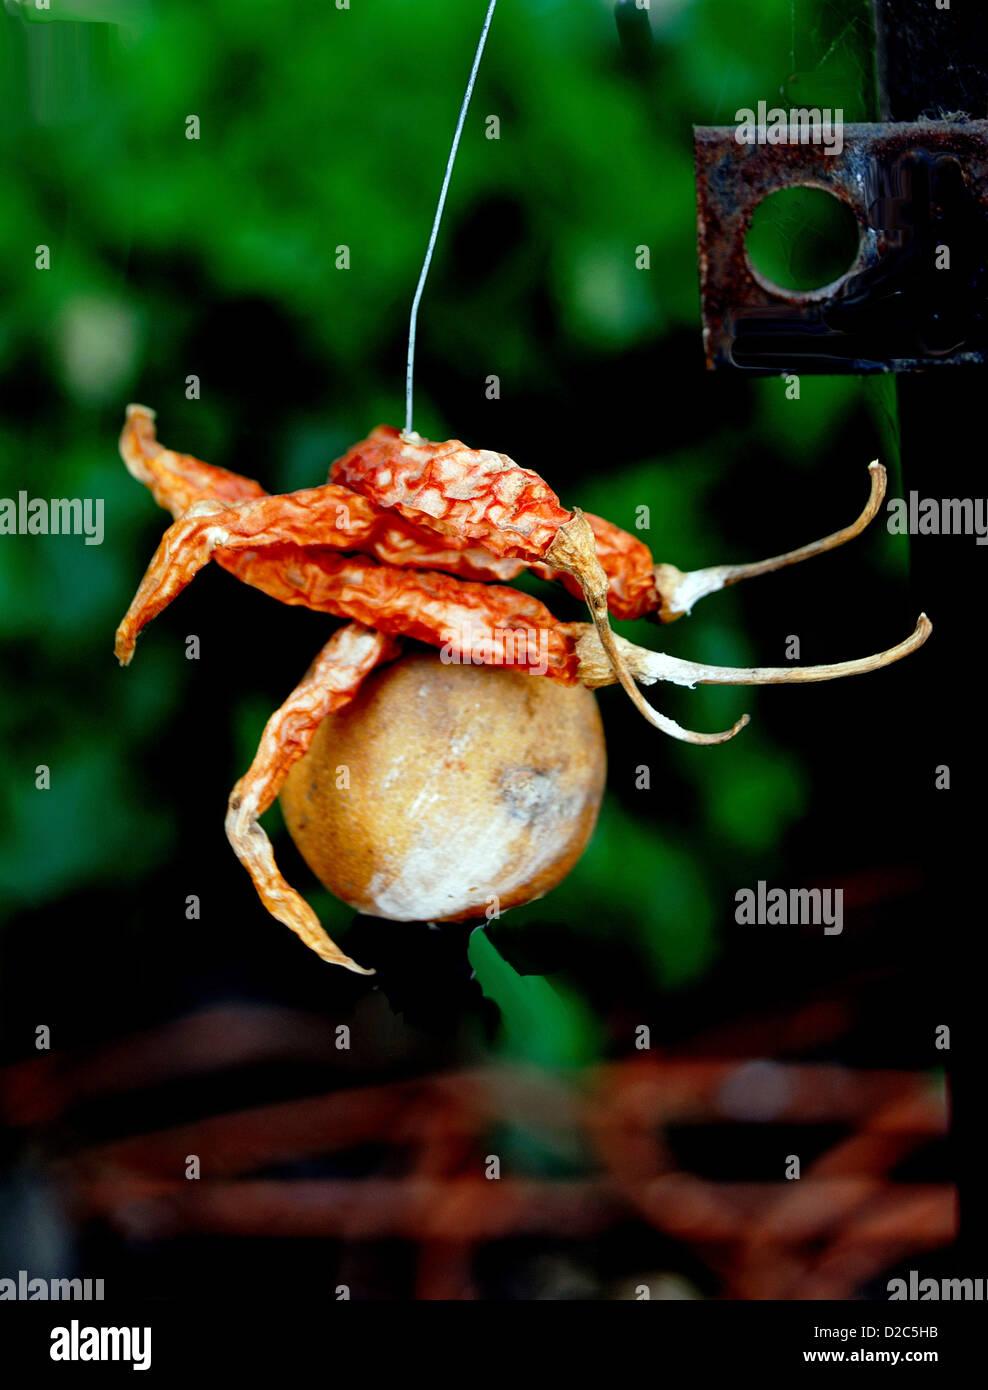 Aberglaube-Konzept, hängenden Faden der trockene rote Chilis und Zitrone, Indien Stockbild